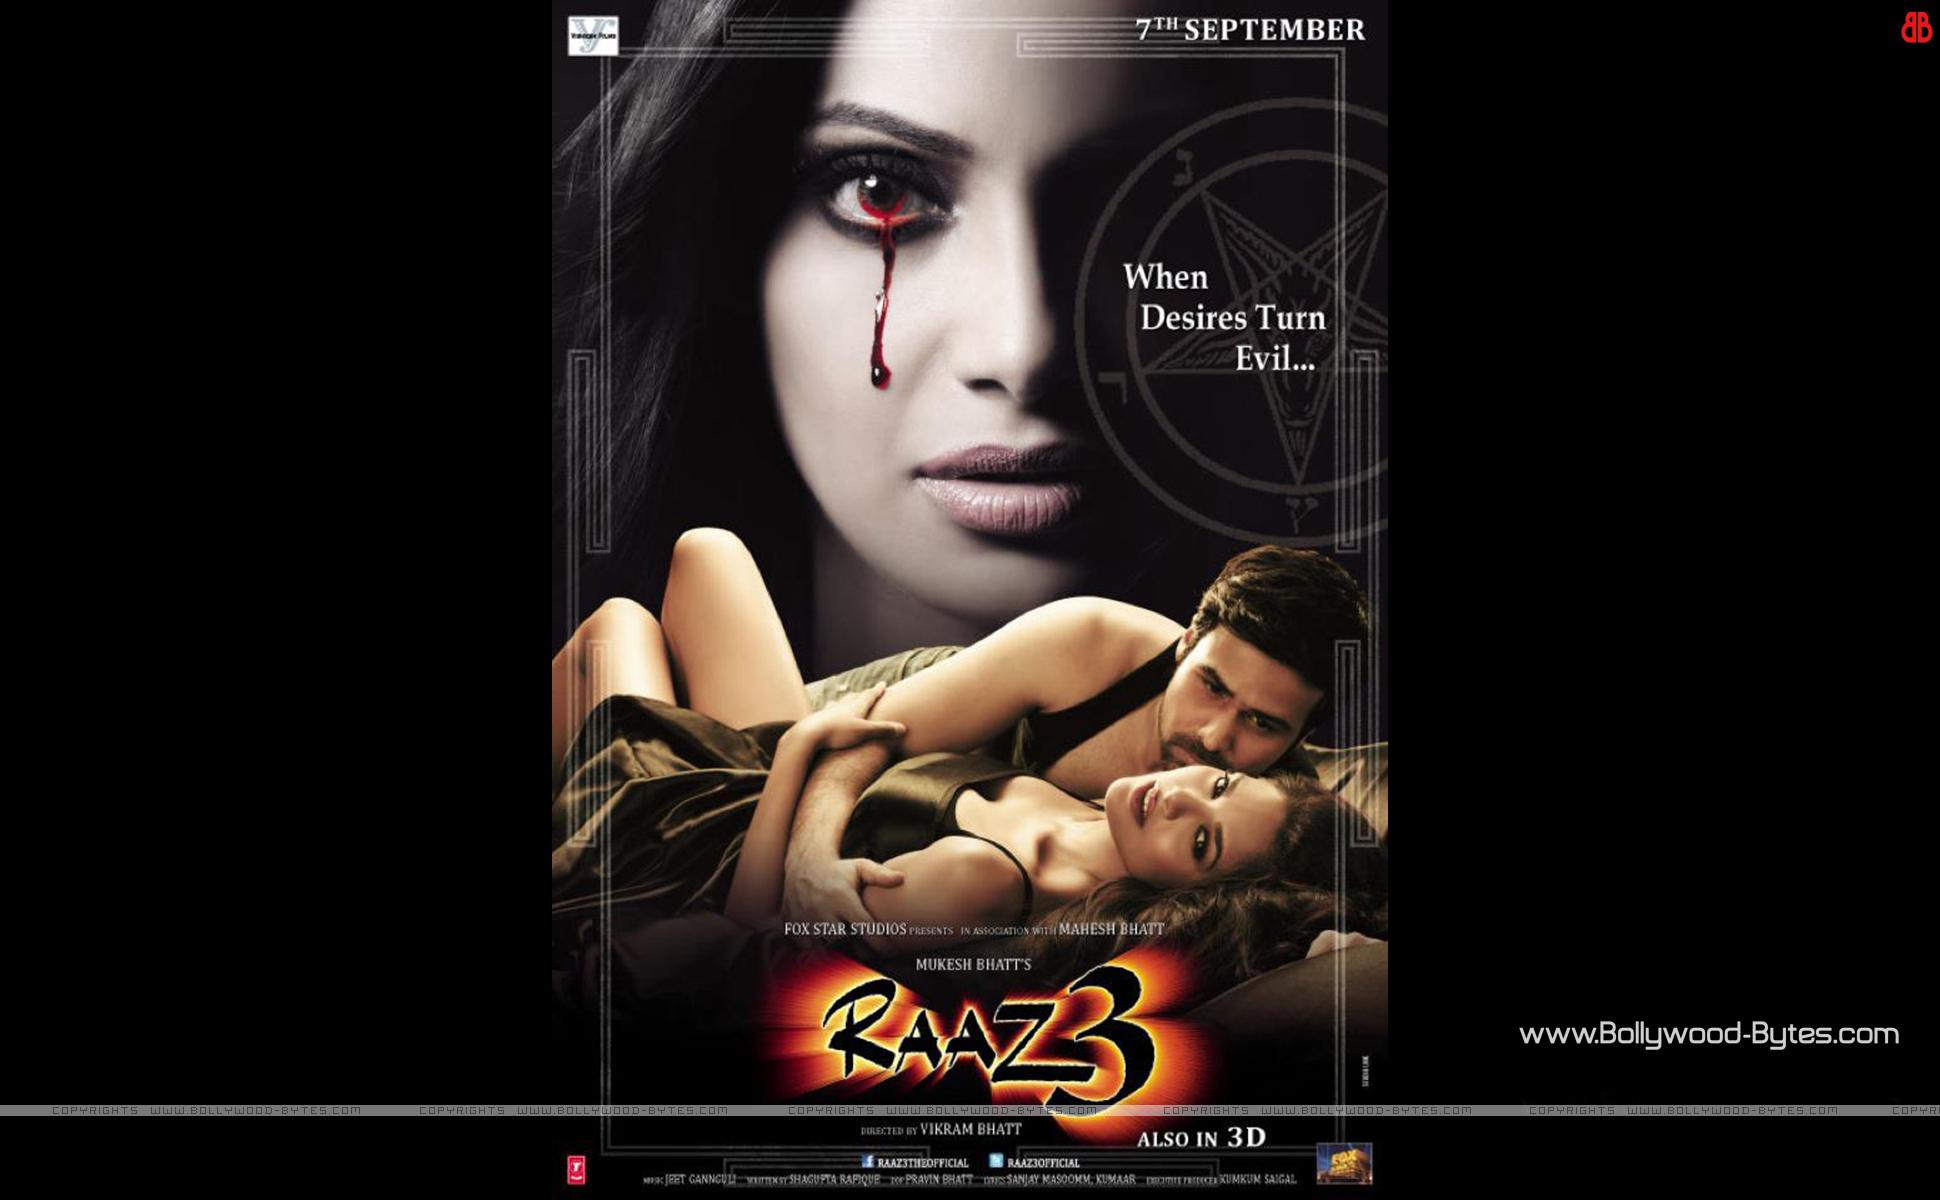 http://1.bp.blogspot.com/-fEHlWFjxmWA/UBb7c0I2yYI/AAAAAAAAMmc/FgPMWXjo0js/s1940/Raaz-3-Starring-Hot-Esha-Gupta-Bipasha-Basu-Emraan-Hashmi-HD-Wallpaper-02.jpg